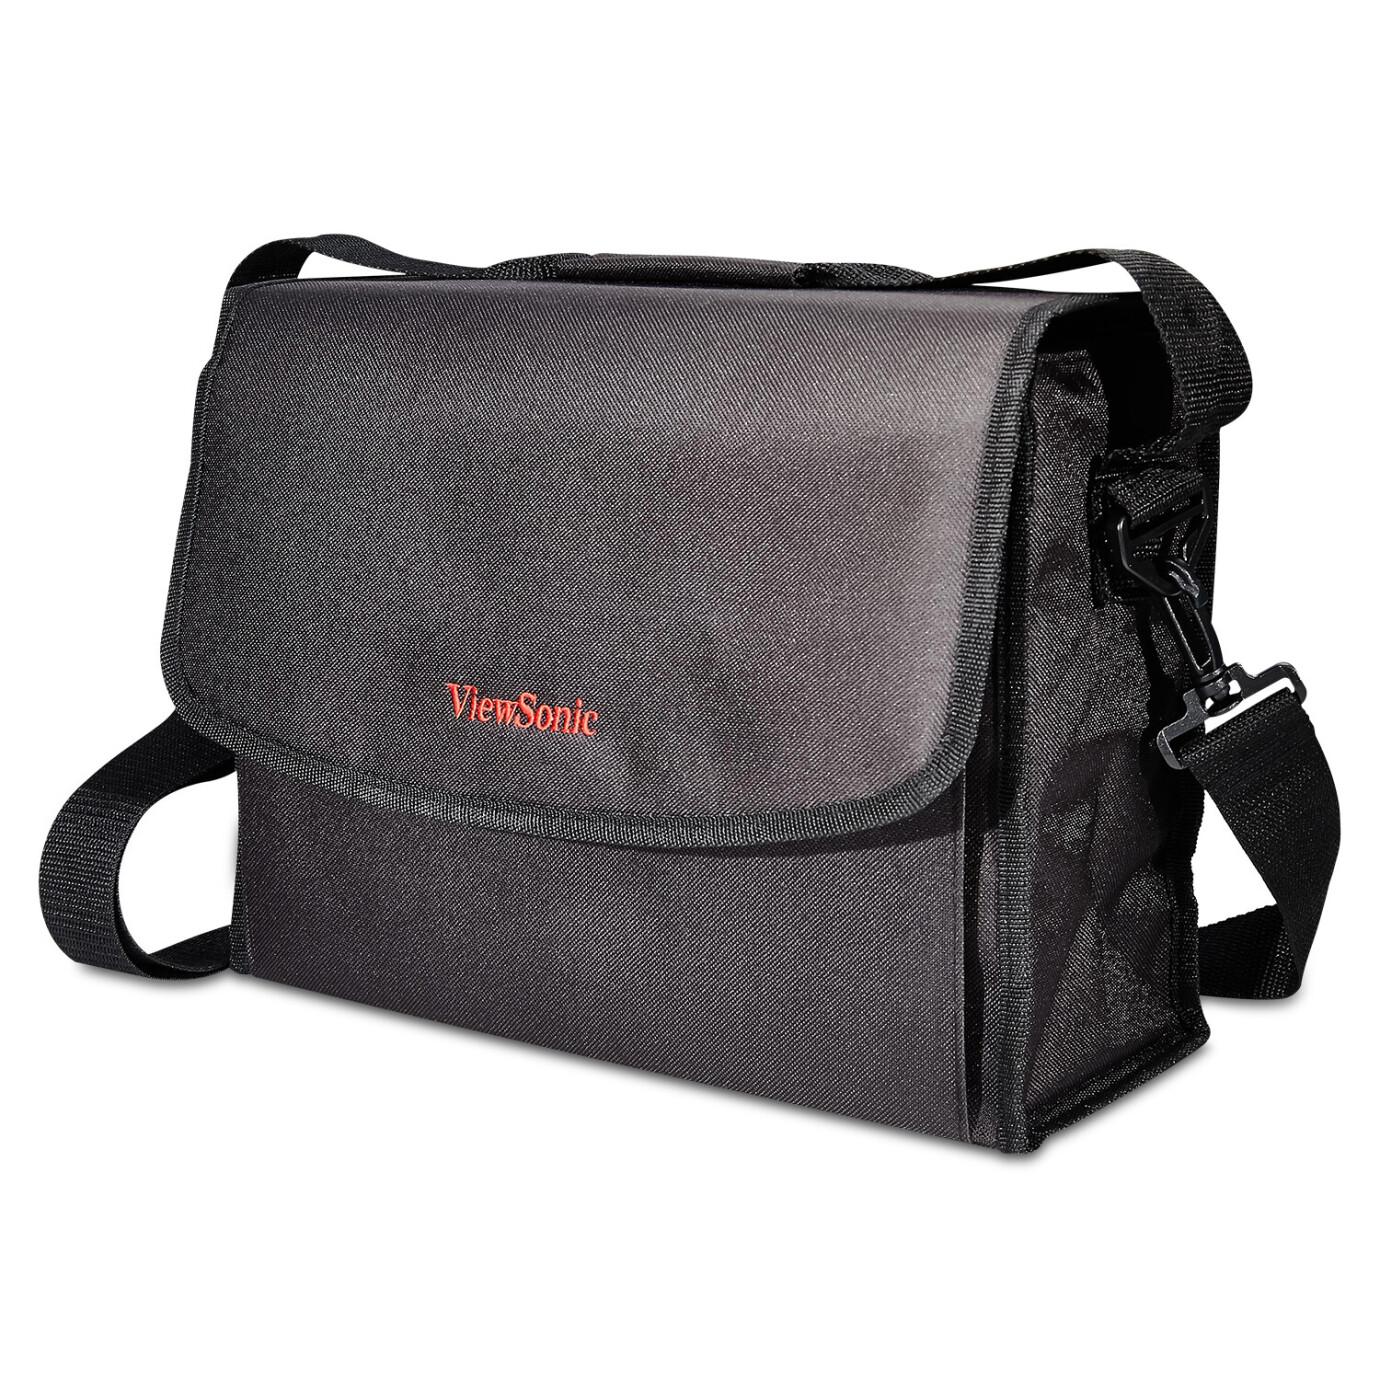 ViewSonic Tasche für PJD5453S / PJD5483S / PJD5232 / PJD5234 / PJD7223 / PJD6345 / PJD6544W / PJD513